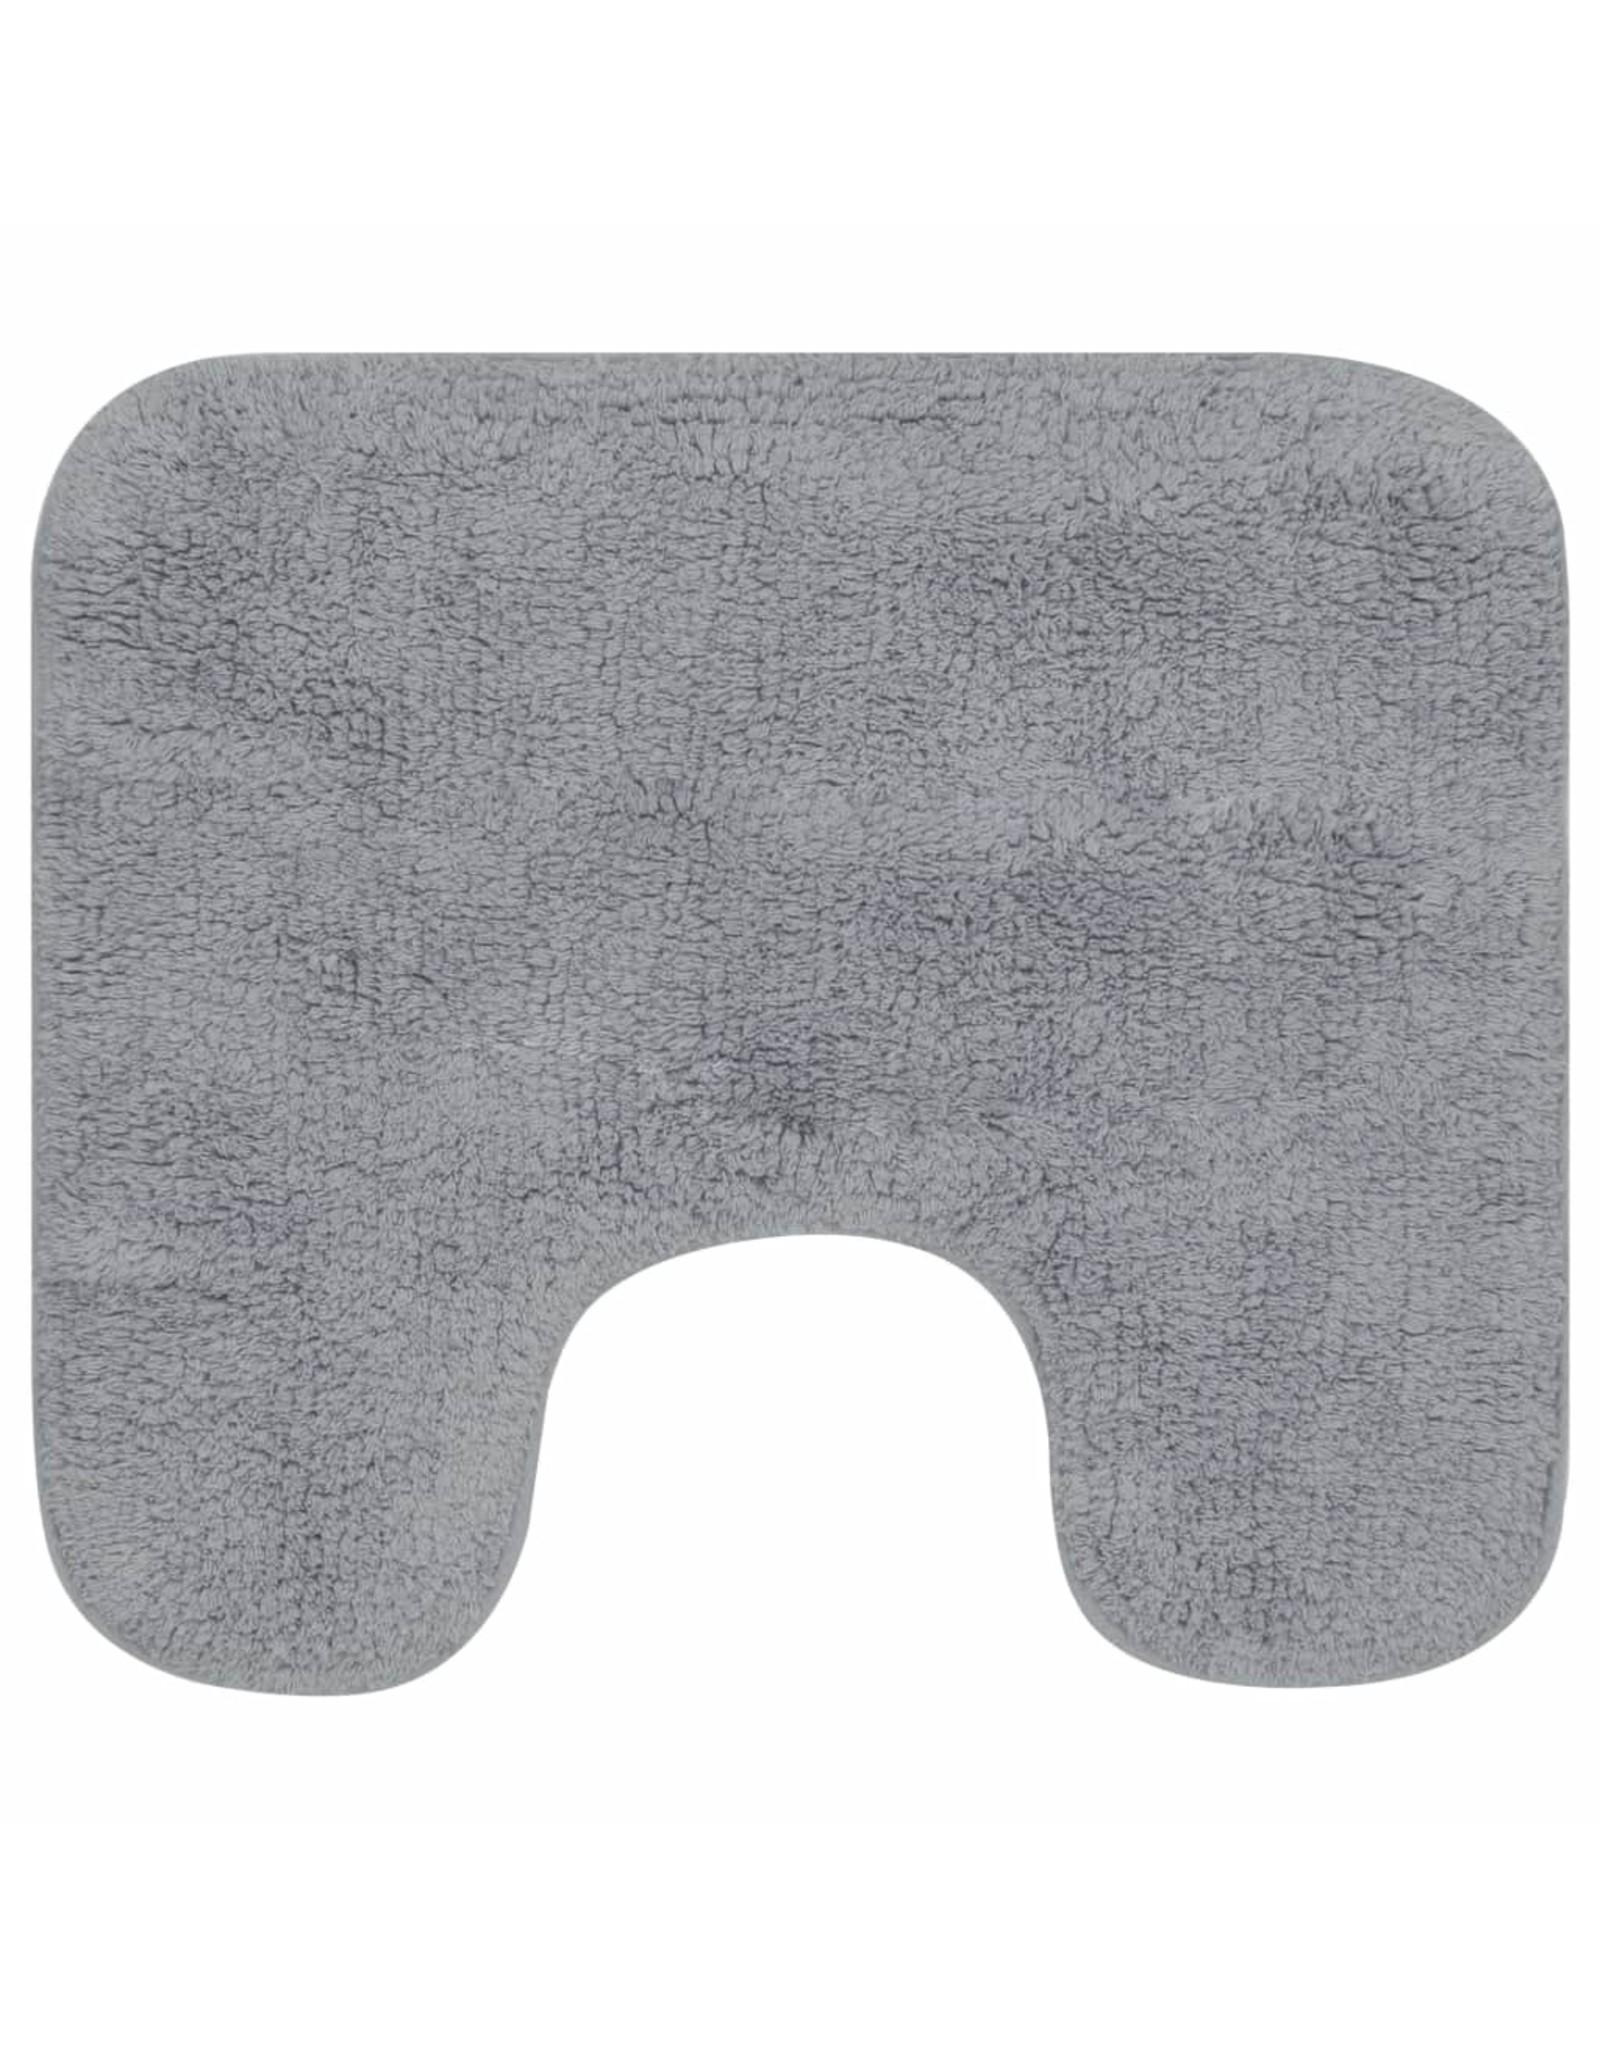 Badmattenset stof grijs 2-delig